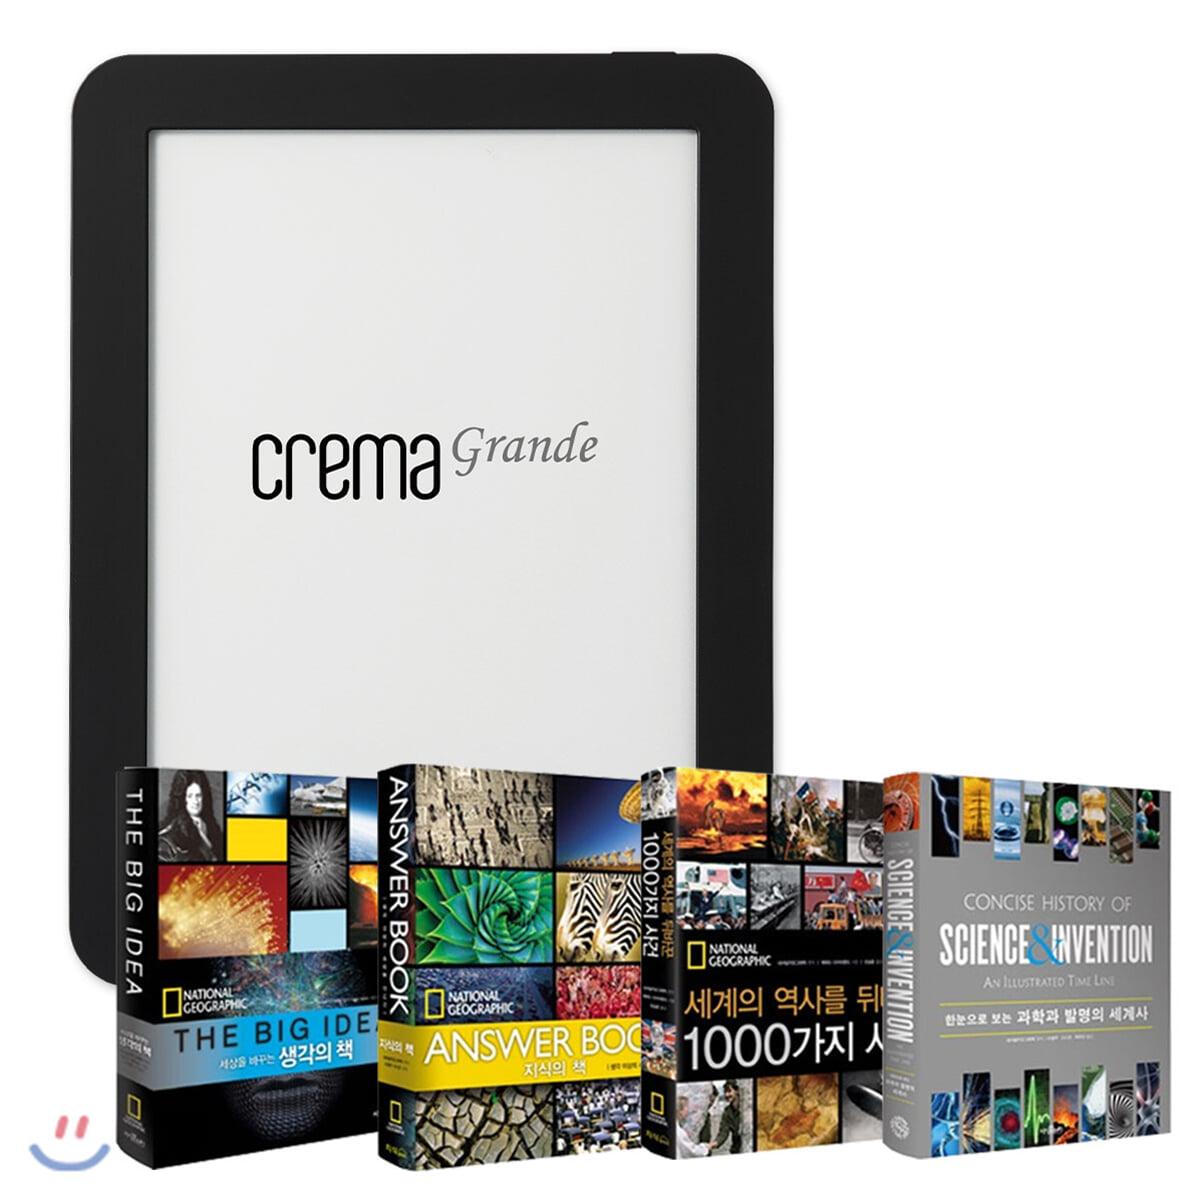 예스24 크레마 그랑데 (crema grande) : 블랙 + [[에디션] New 내셔널지오그래픽 세상의 모든 지식 4종] eBook 세트